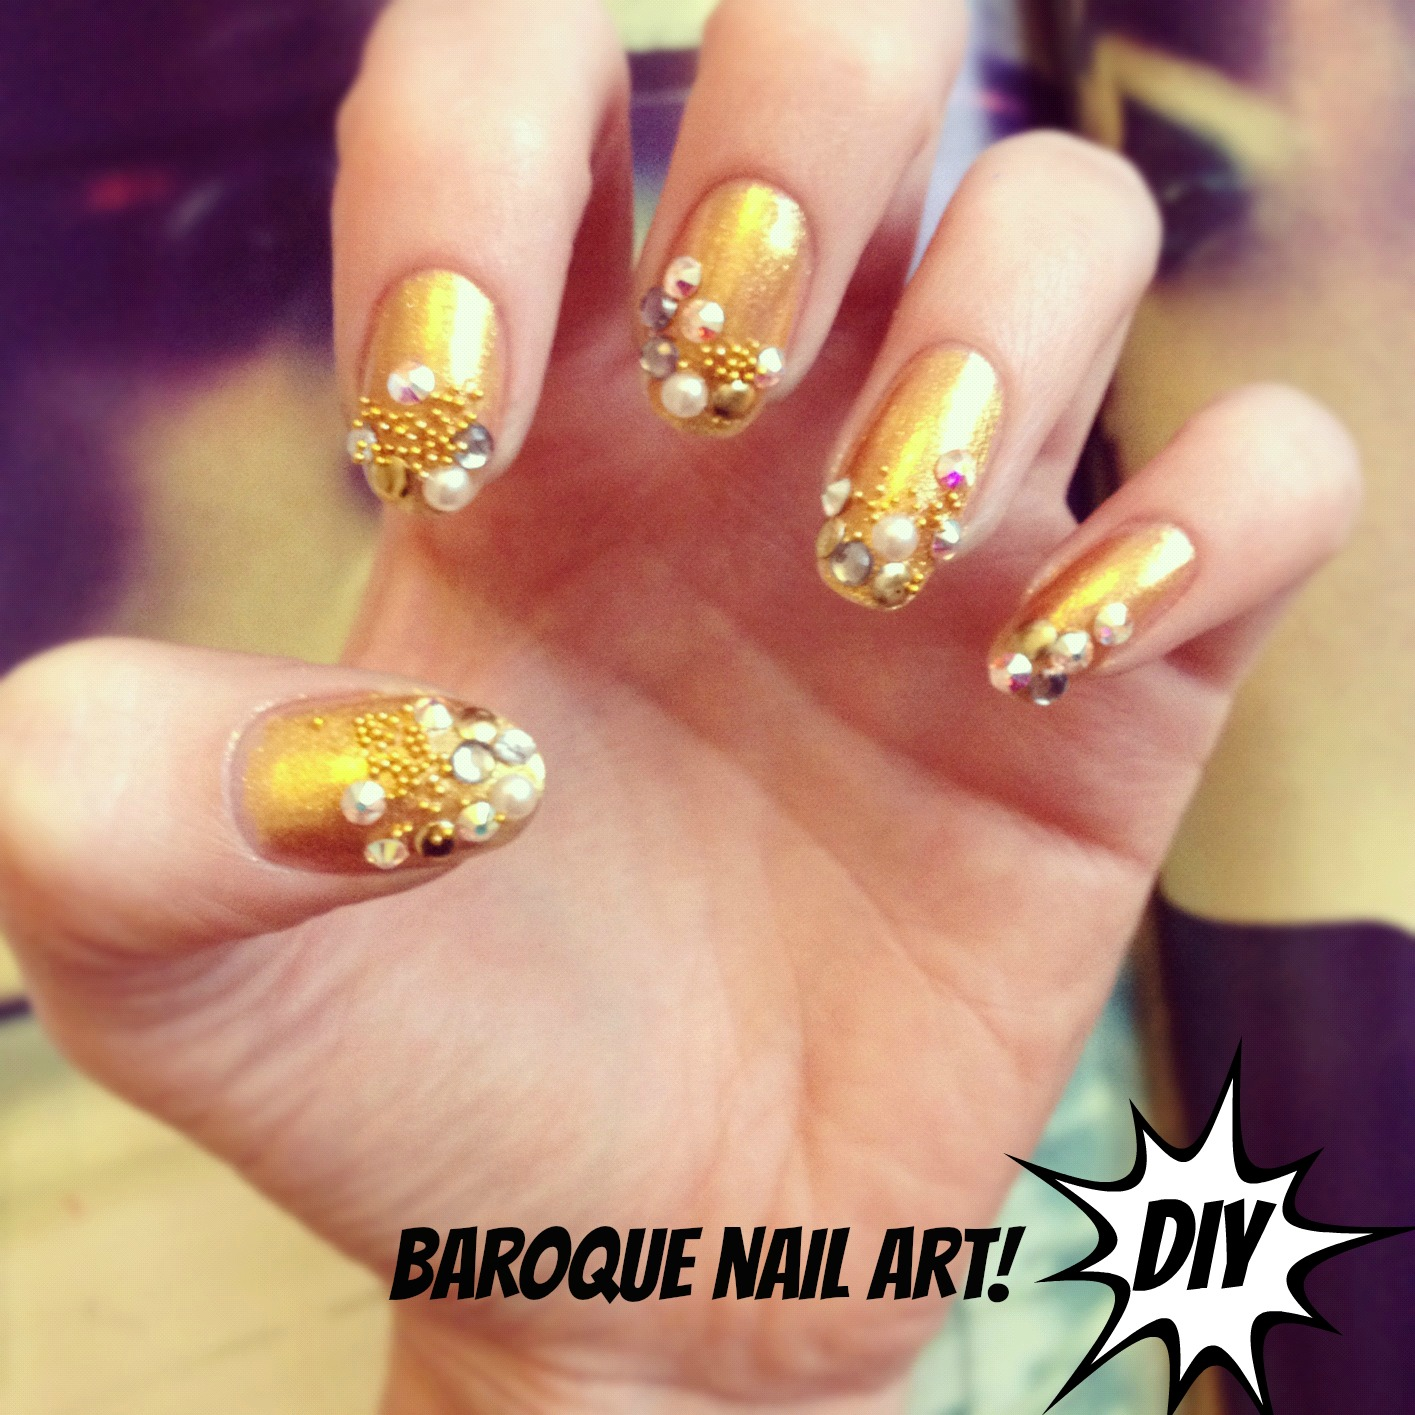 Diy Baroque Nail Art Burkatron